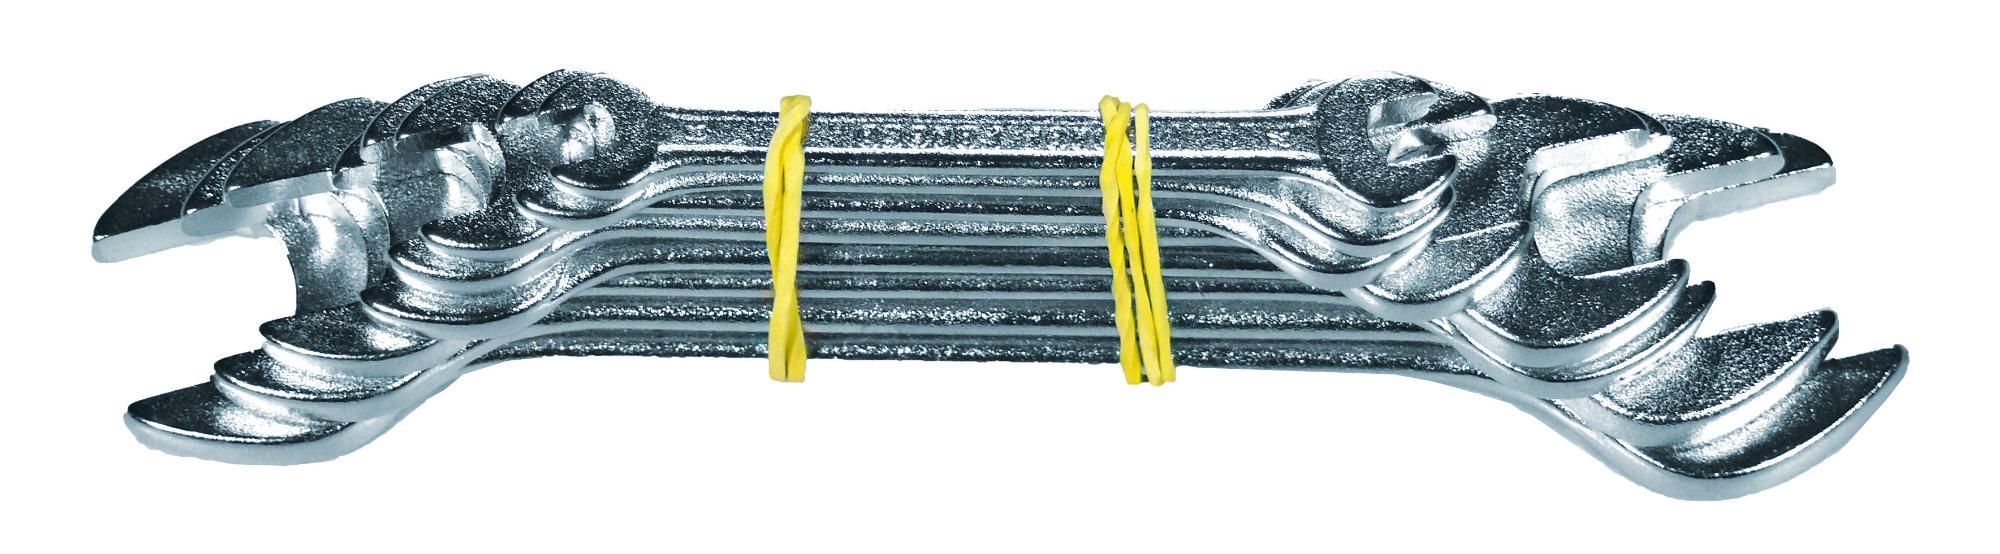 Sada kľúčov vidlica-vidlica, 8-dielna., CrV oceľ, 6-22 mm